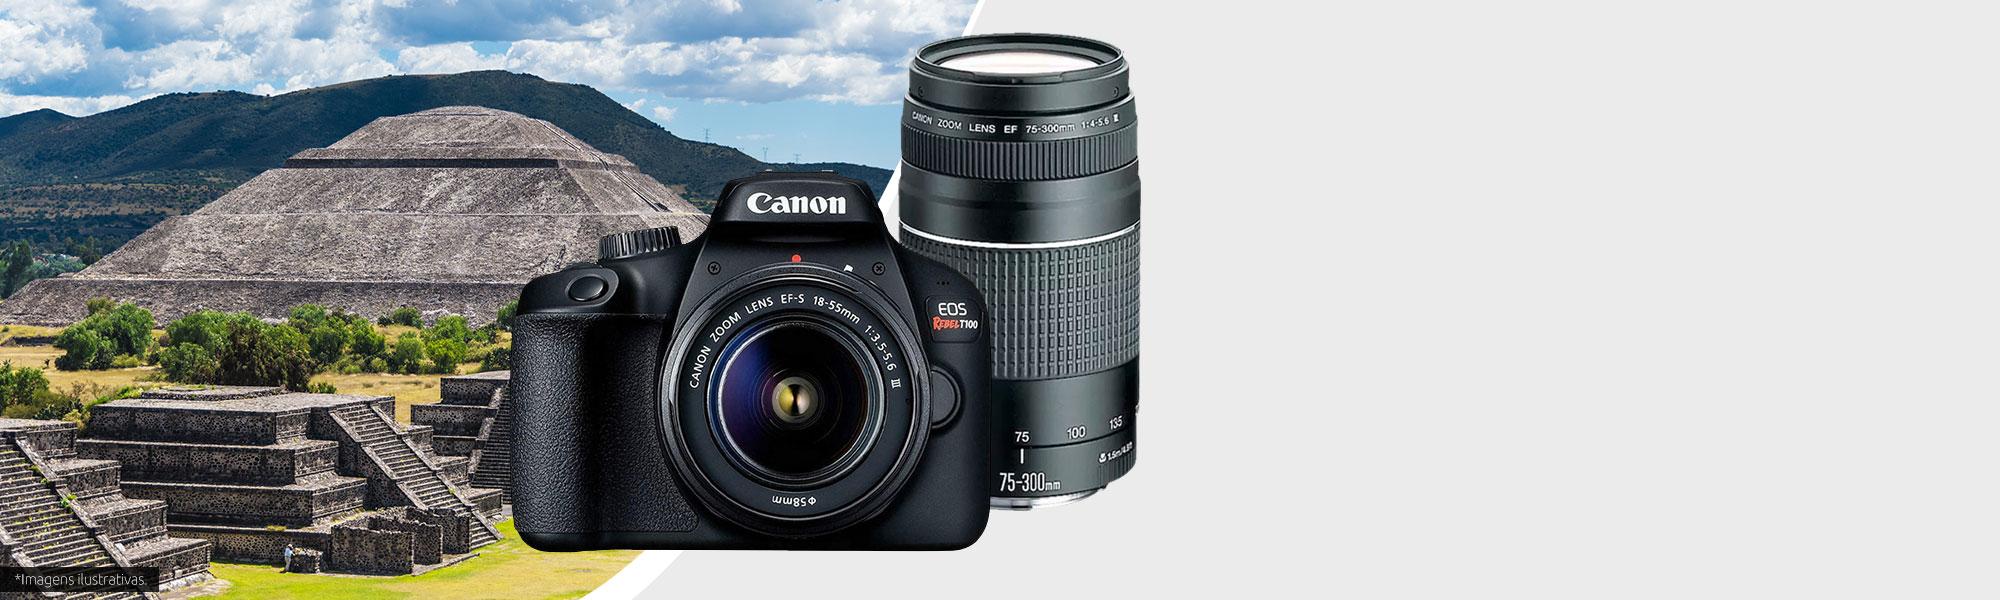 Combo Câmera EOS T100 Viajante com Lente EF-S 18-55mm + EF 75-300mm